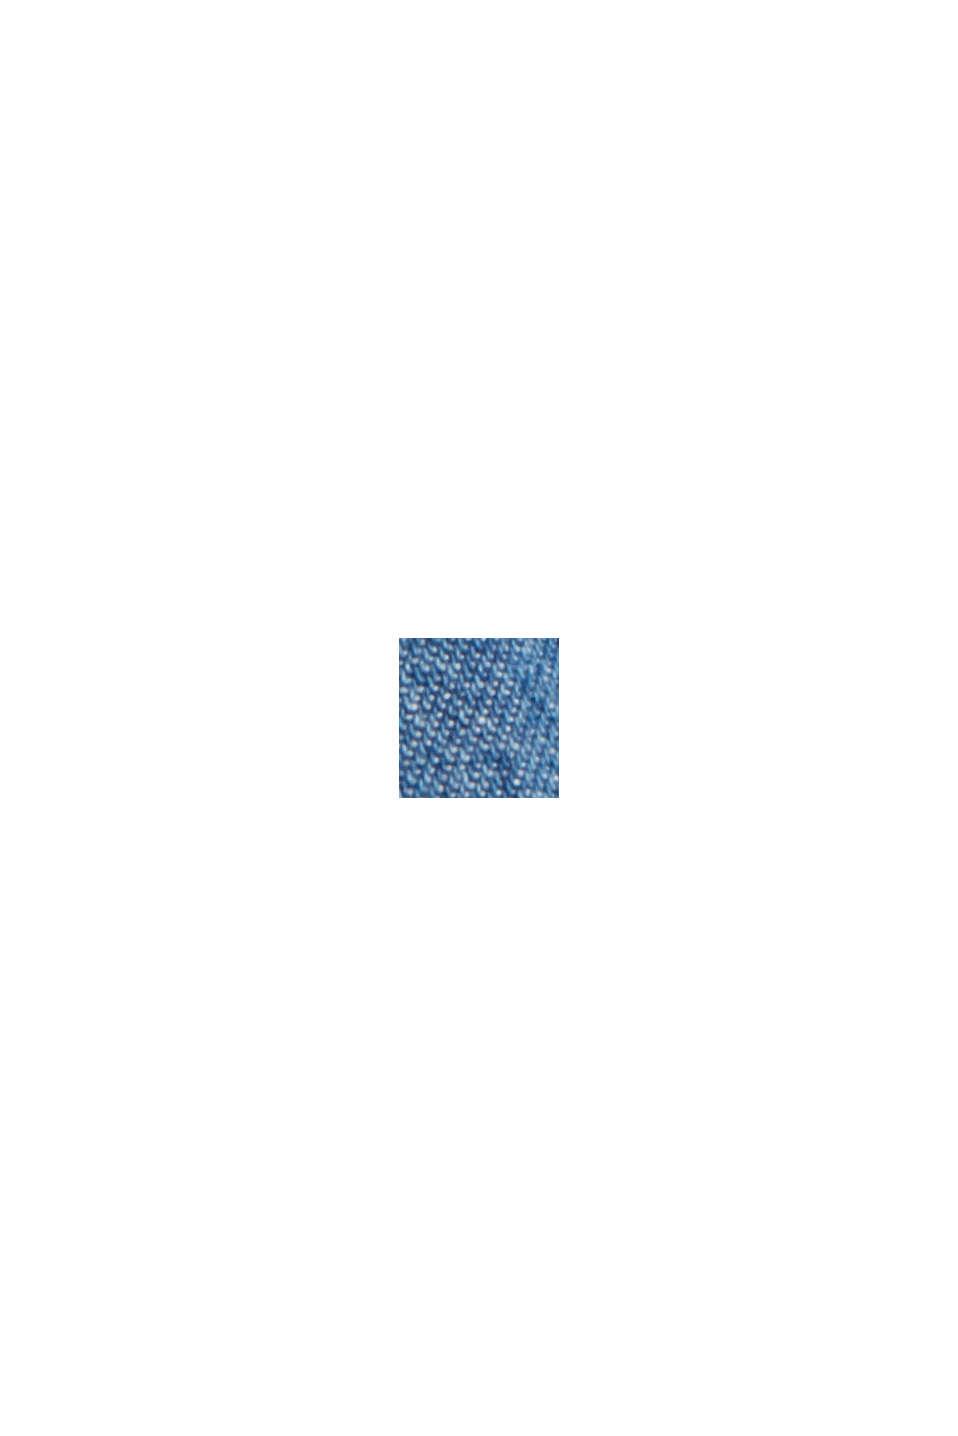 Jeans-Blusenkleid aus Baumwolle, BLUE MEDIUM WASHED, swatch